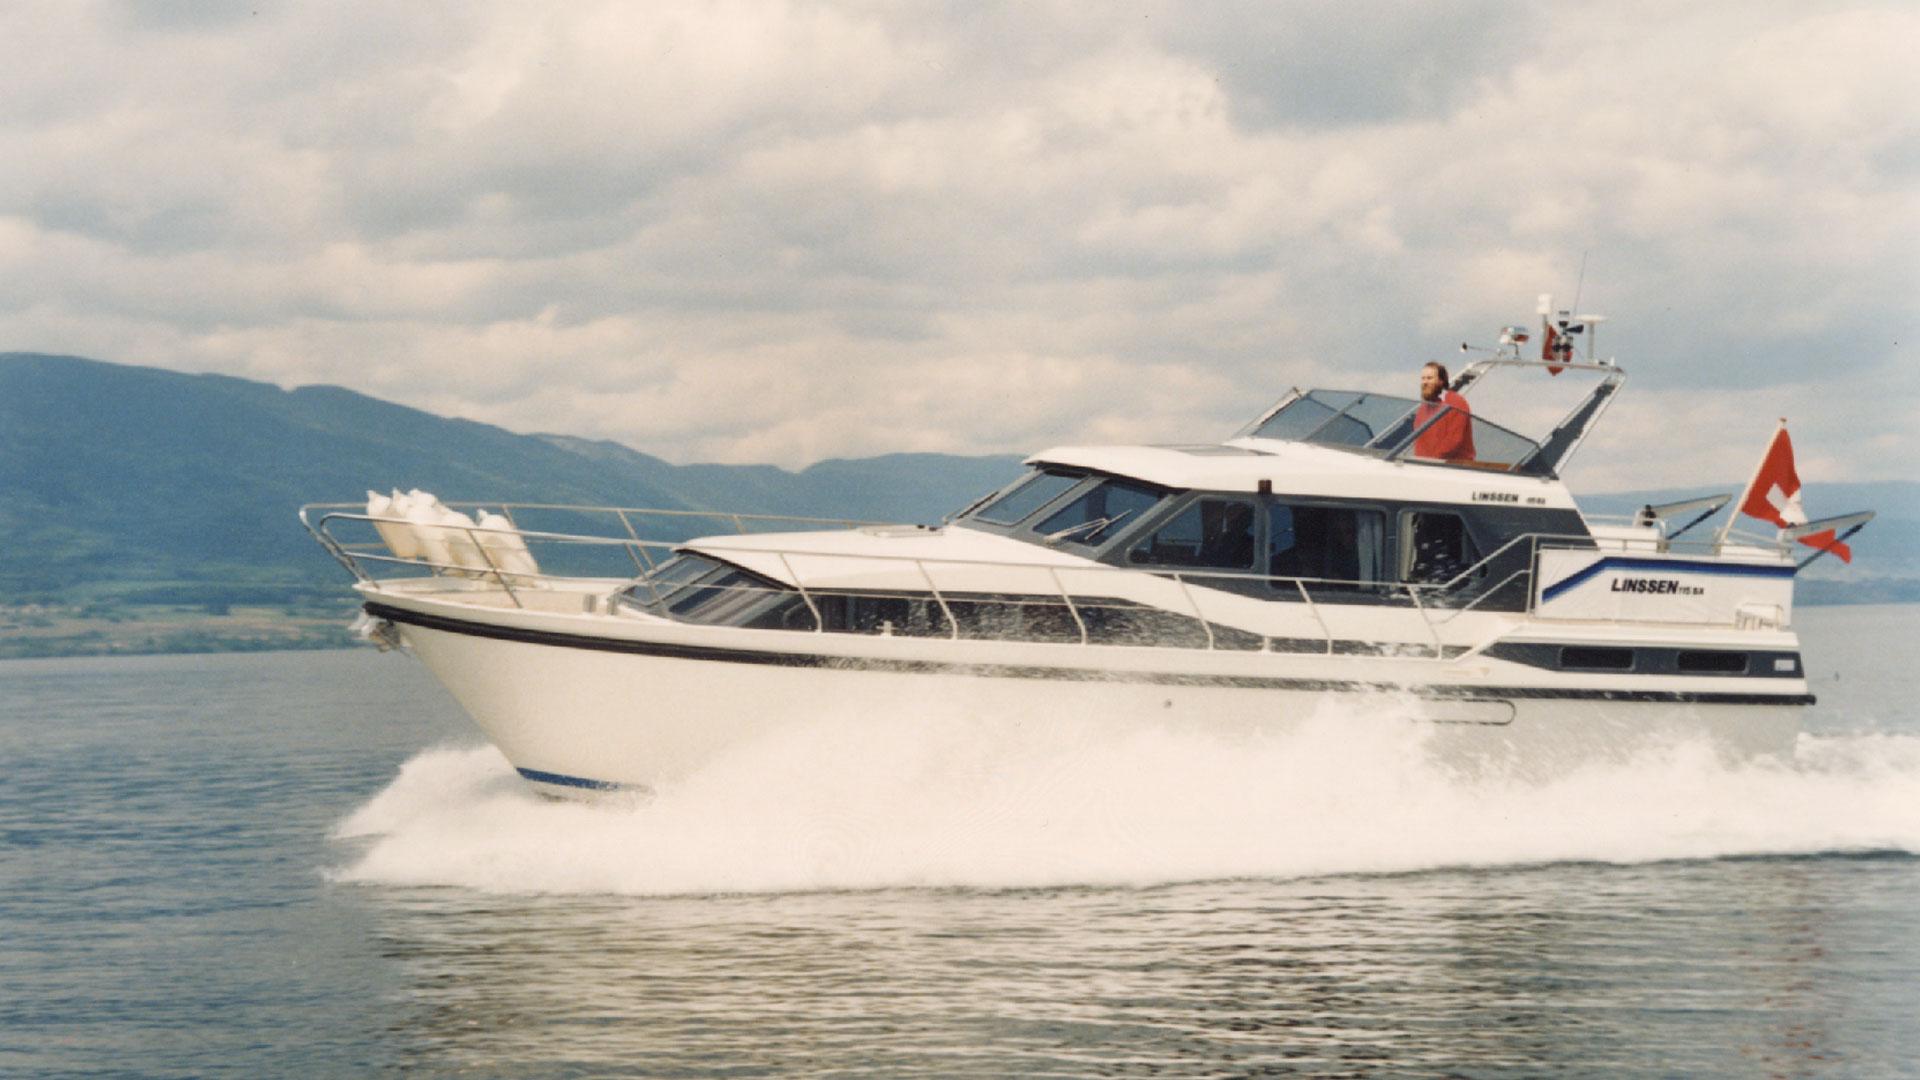 Linssen 115 SX